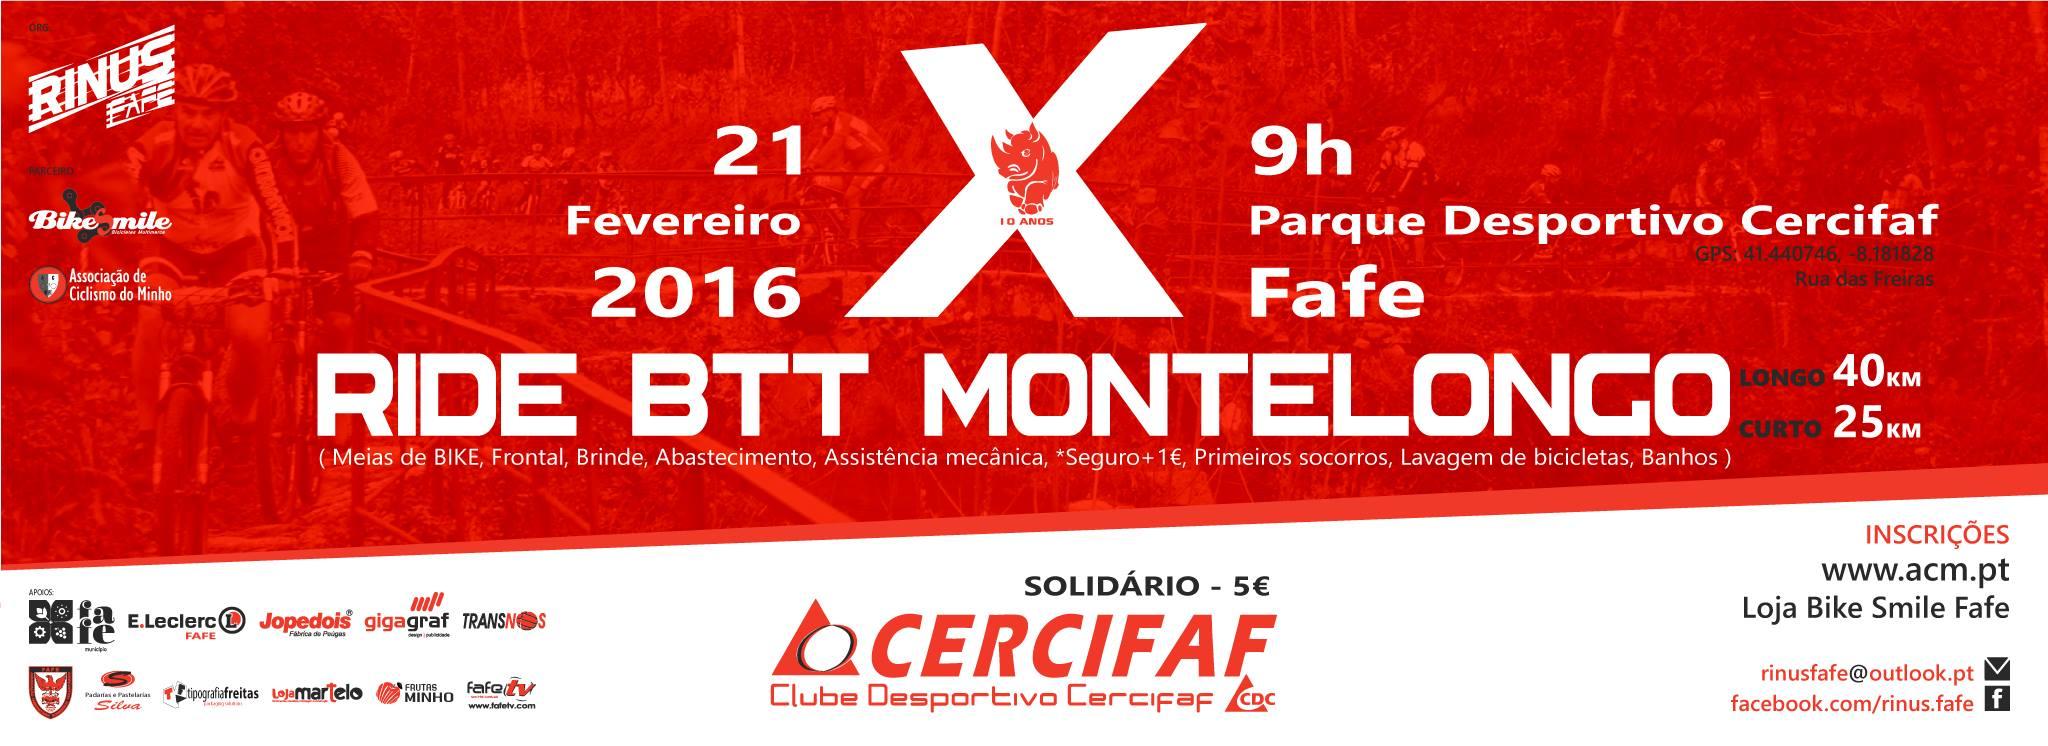 10º Ride BTT Montelongo Fafe - Cercifaf